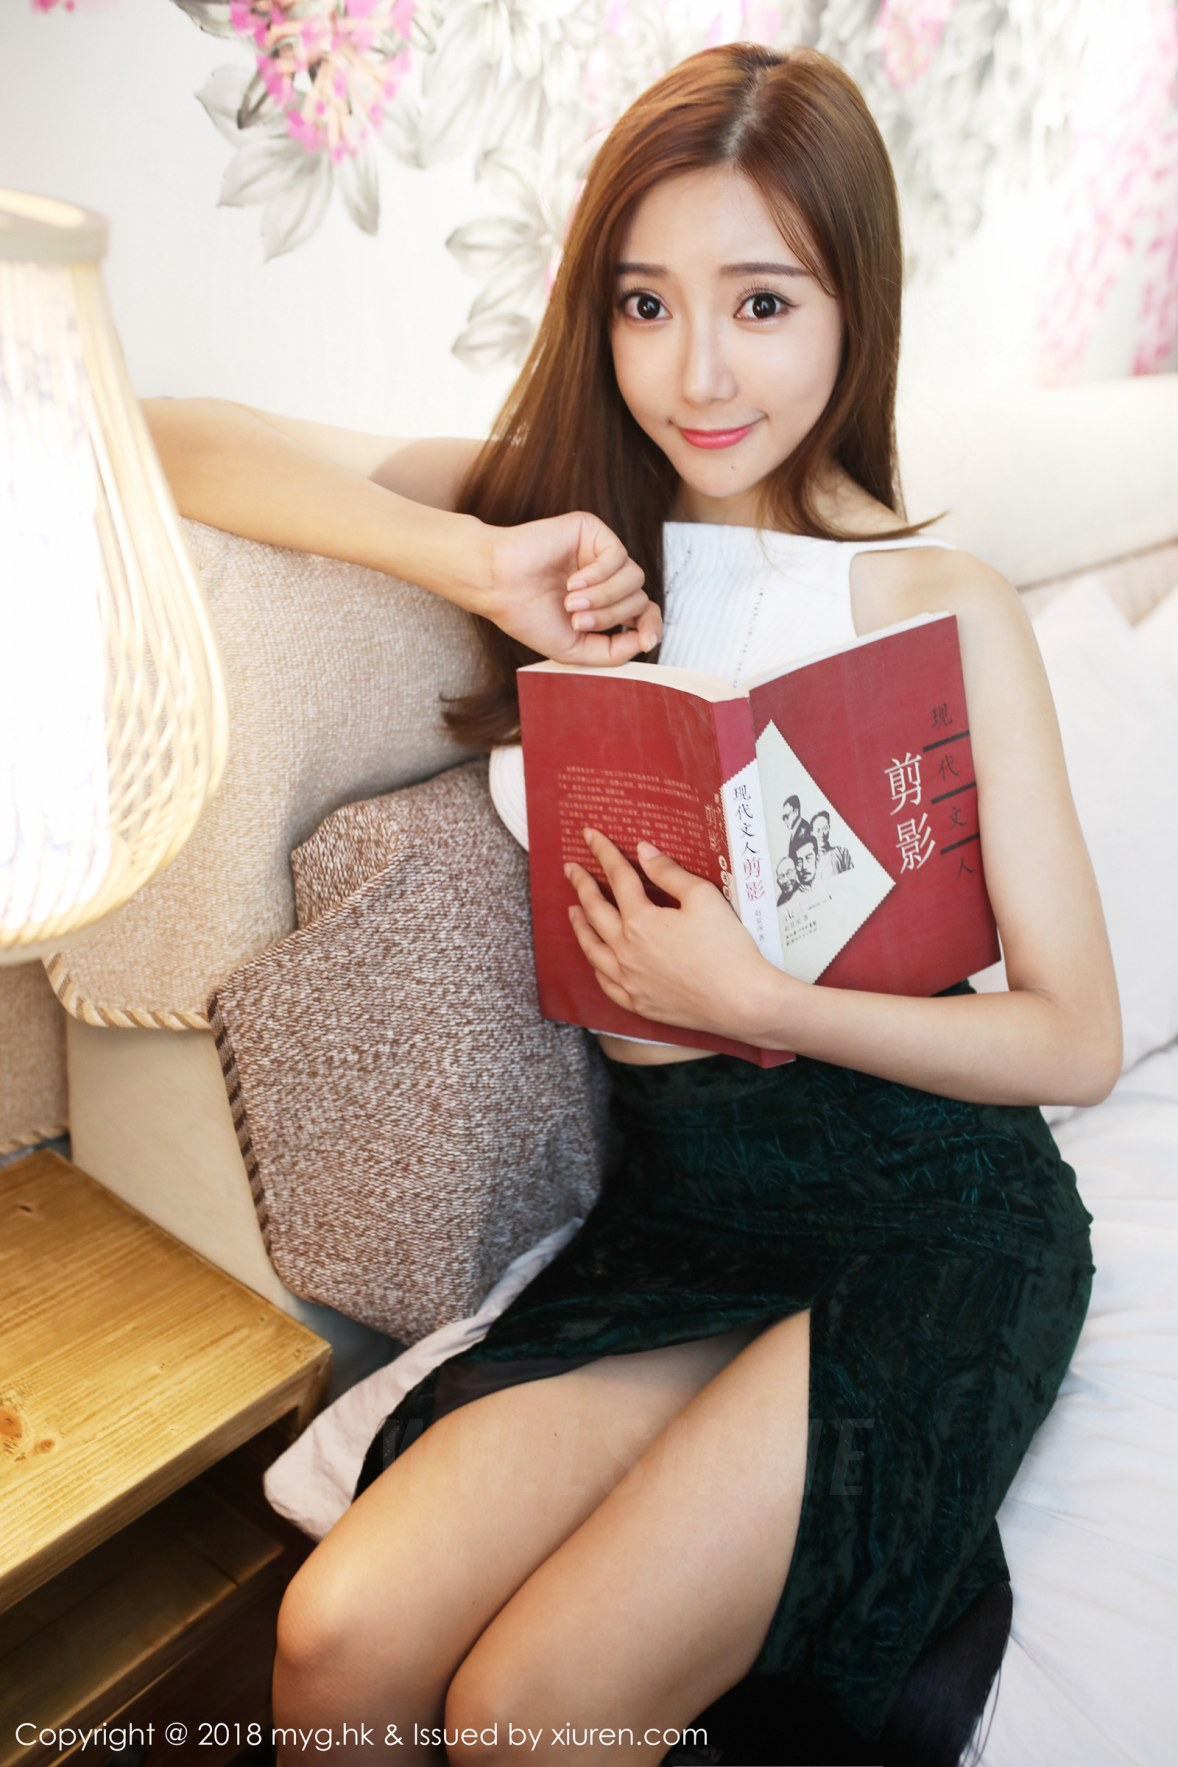 MyGirl 美媛馆 Vol.312 清纯美眉王馨瑶yanni